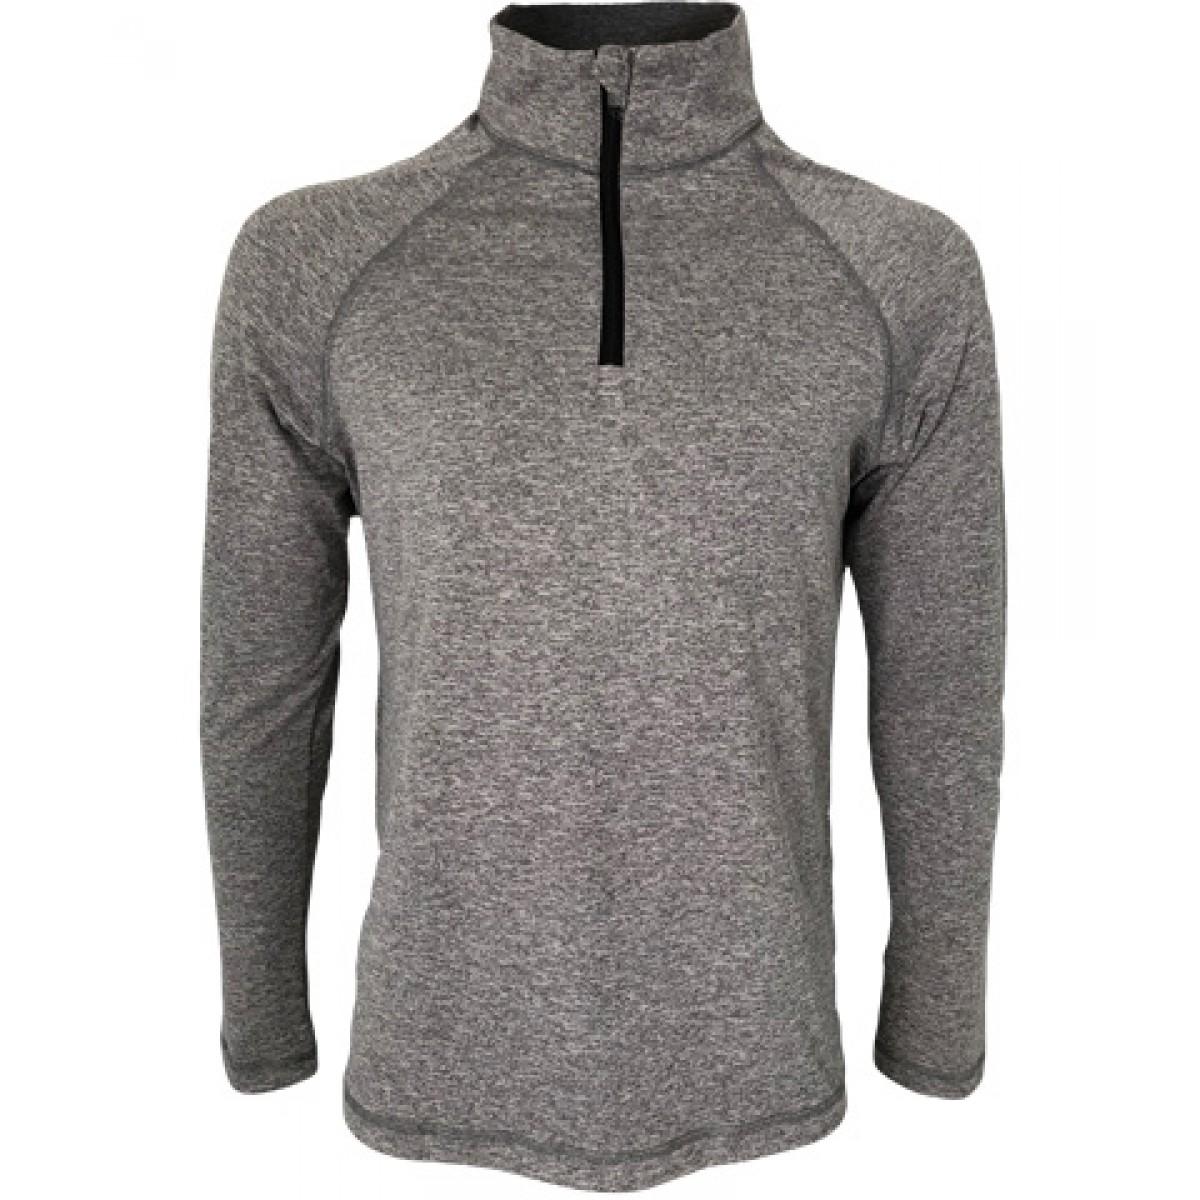 Men's Quarter-Zip Lightweight Pullover-Gray -2XL